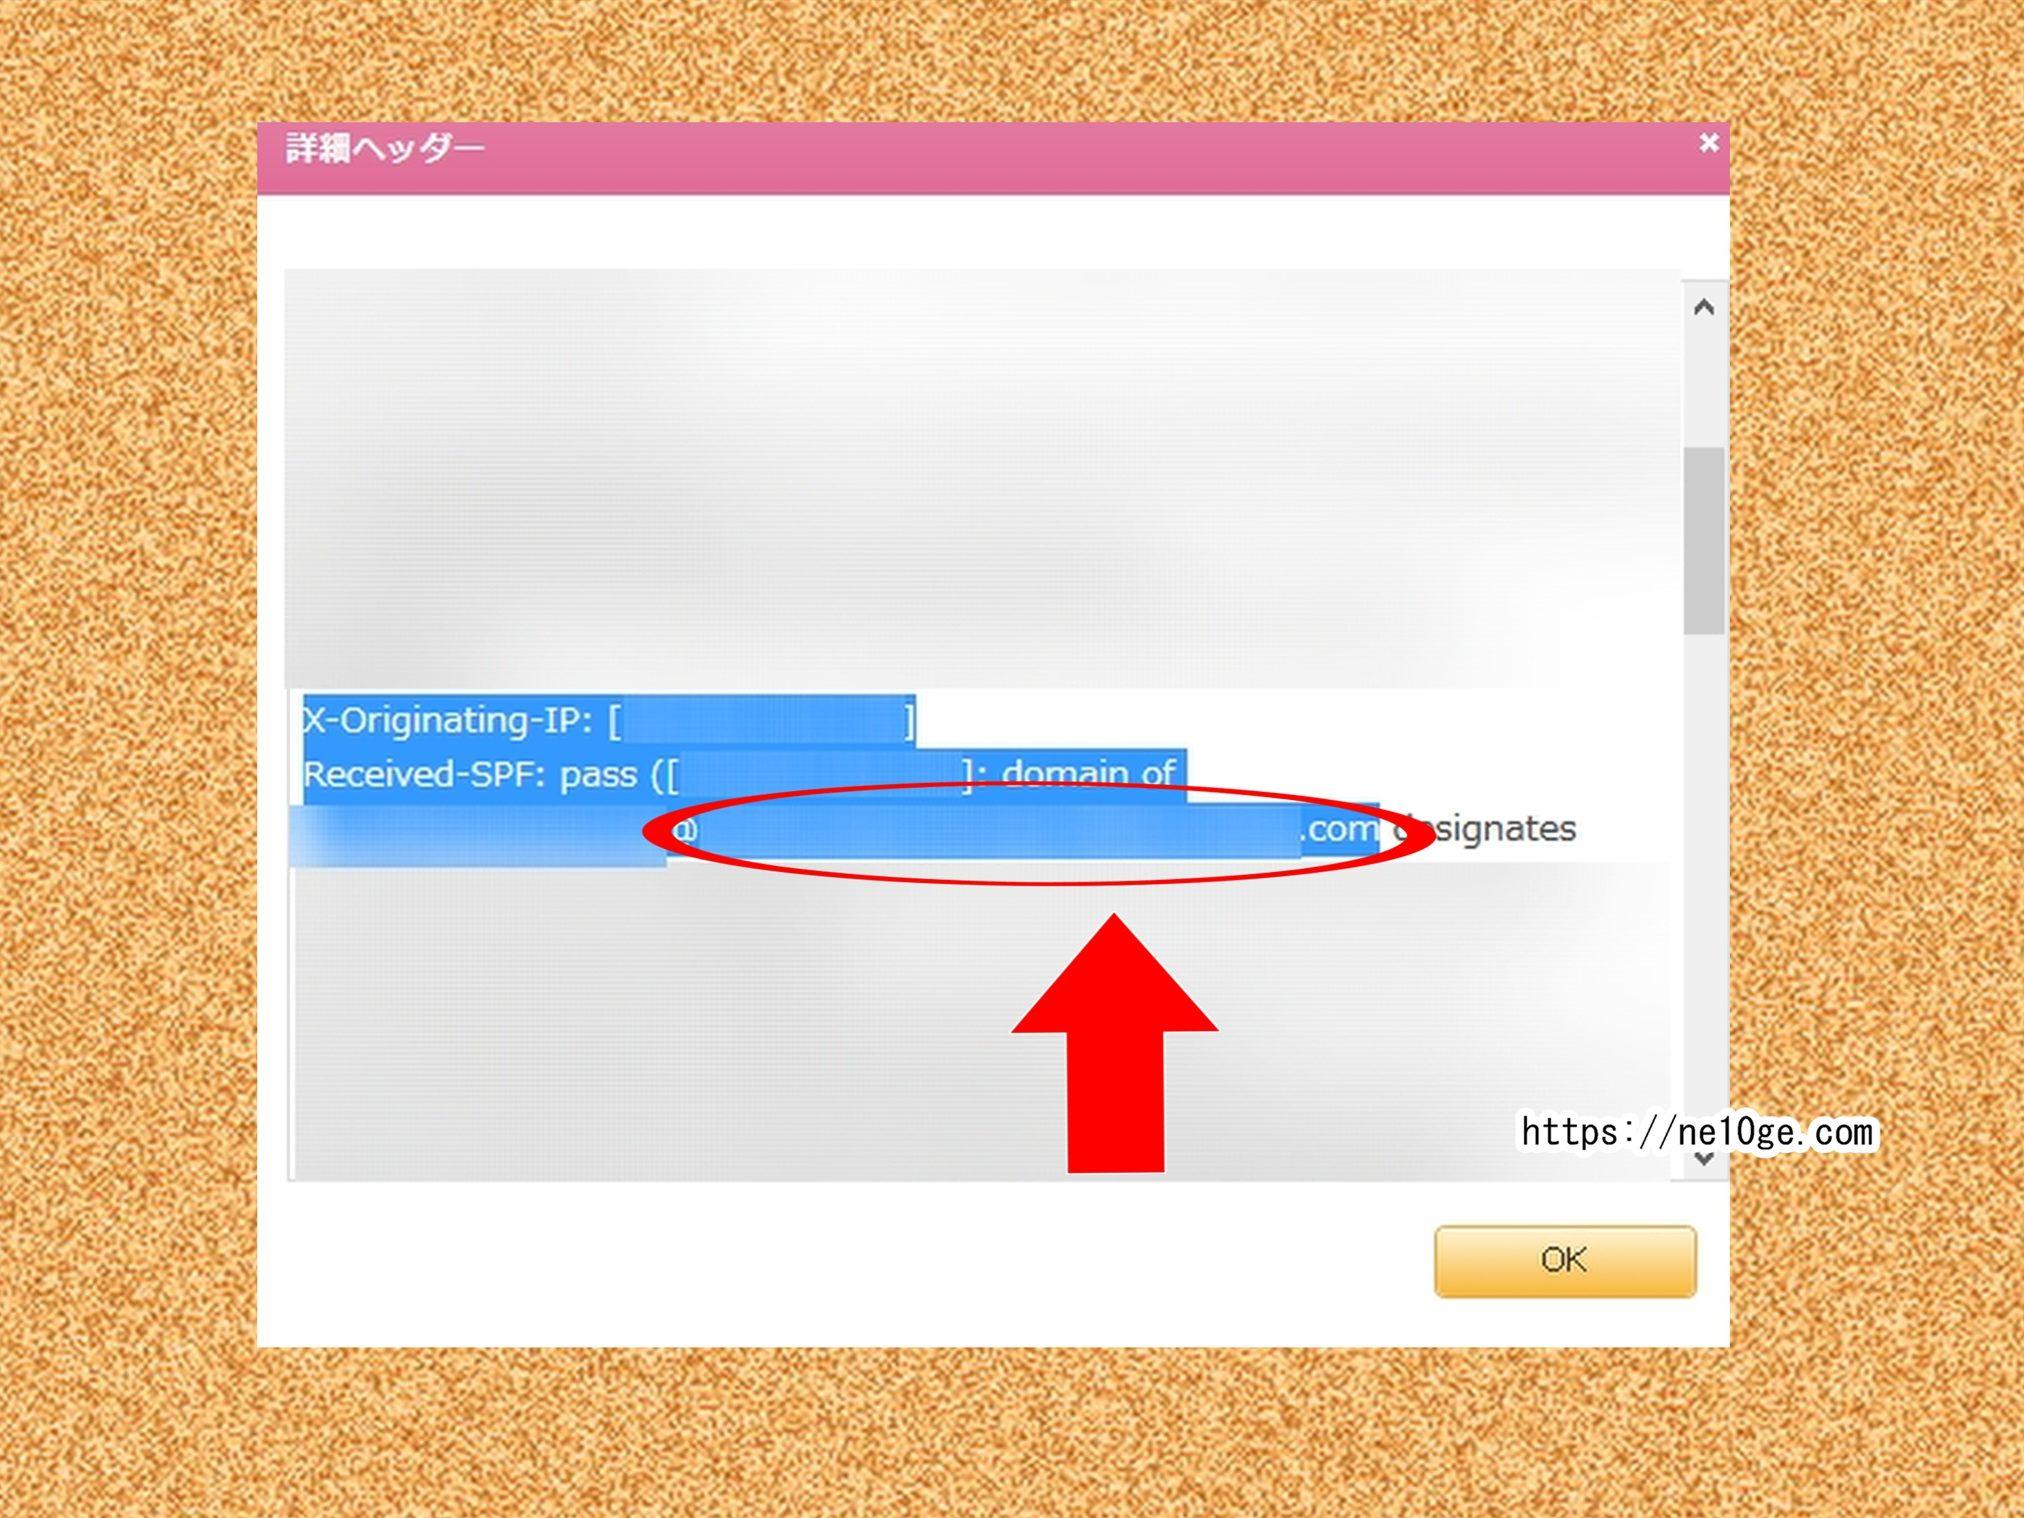 Yahoo!メールの詳細ヘッダーから迷惑メール送信者のドメインを調べる